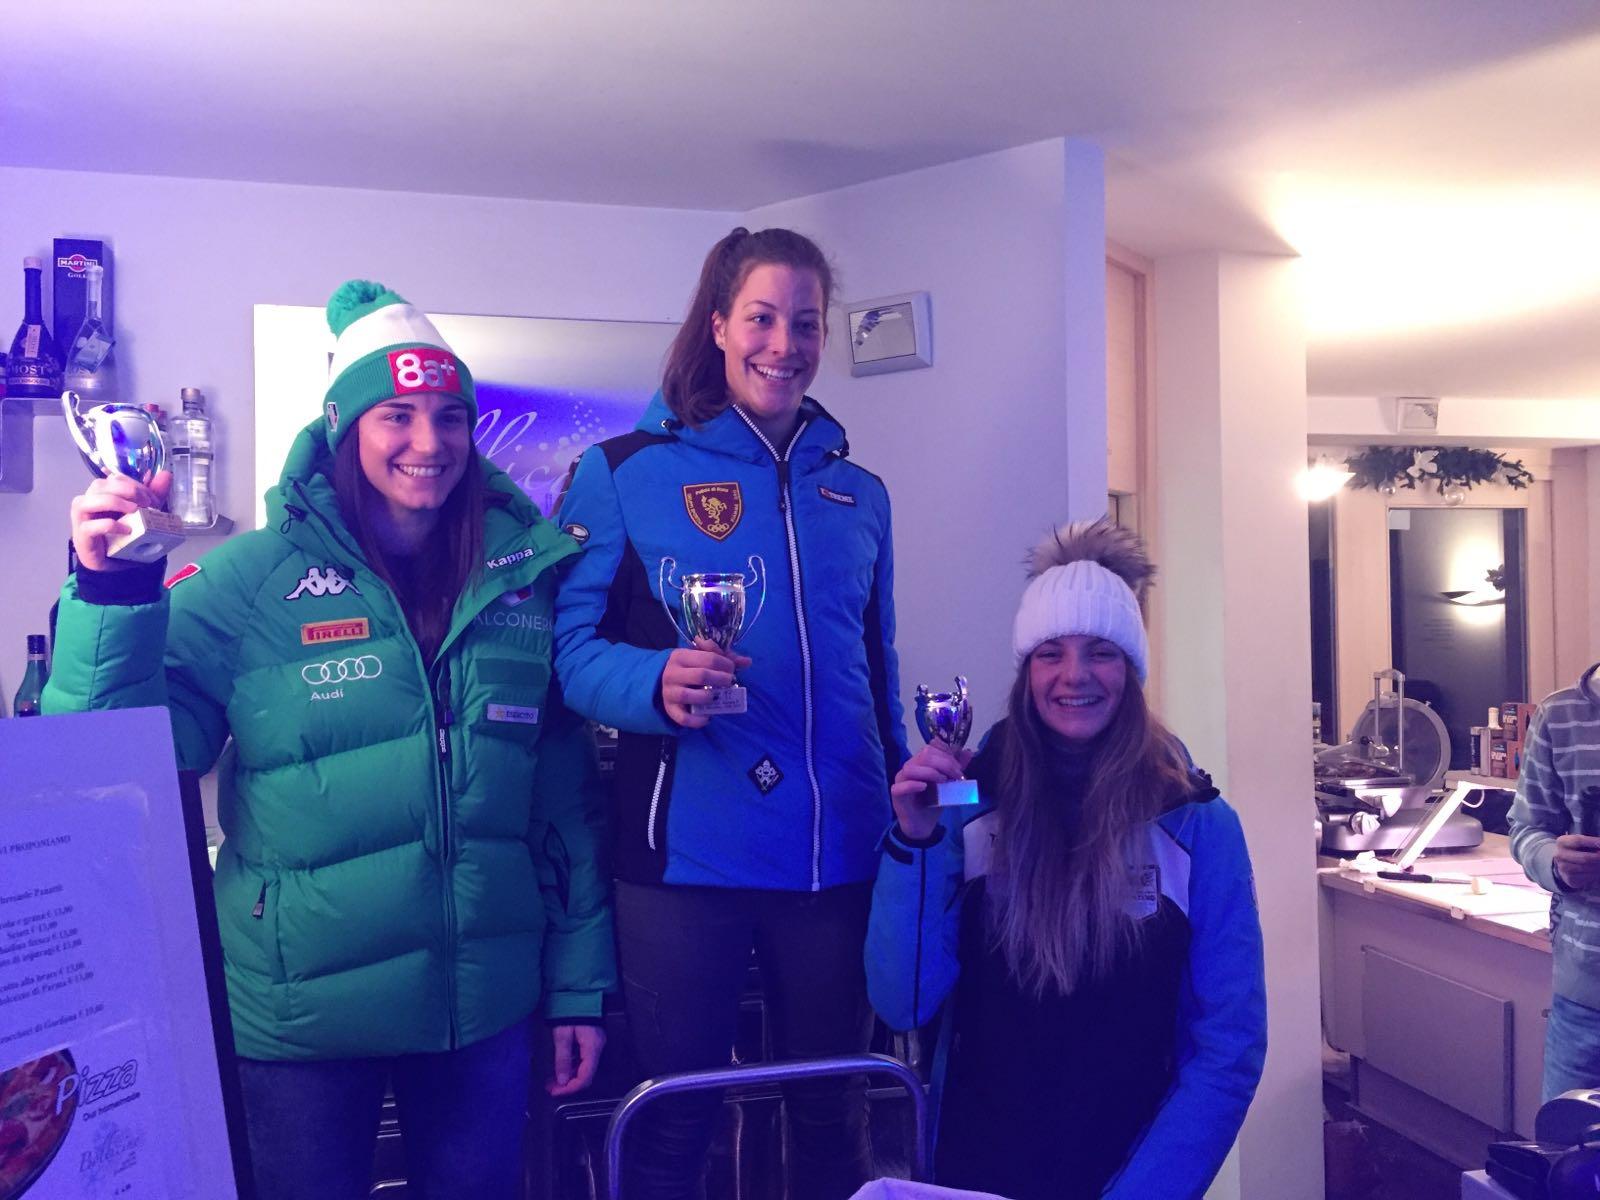 Il podio dello slalom FIS a Madesimo di giovedì 12 gennaio, valido anche per il GPI